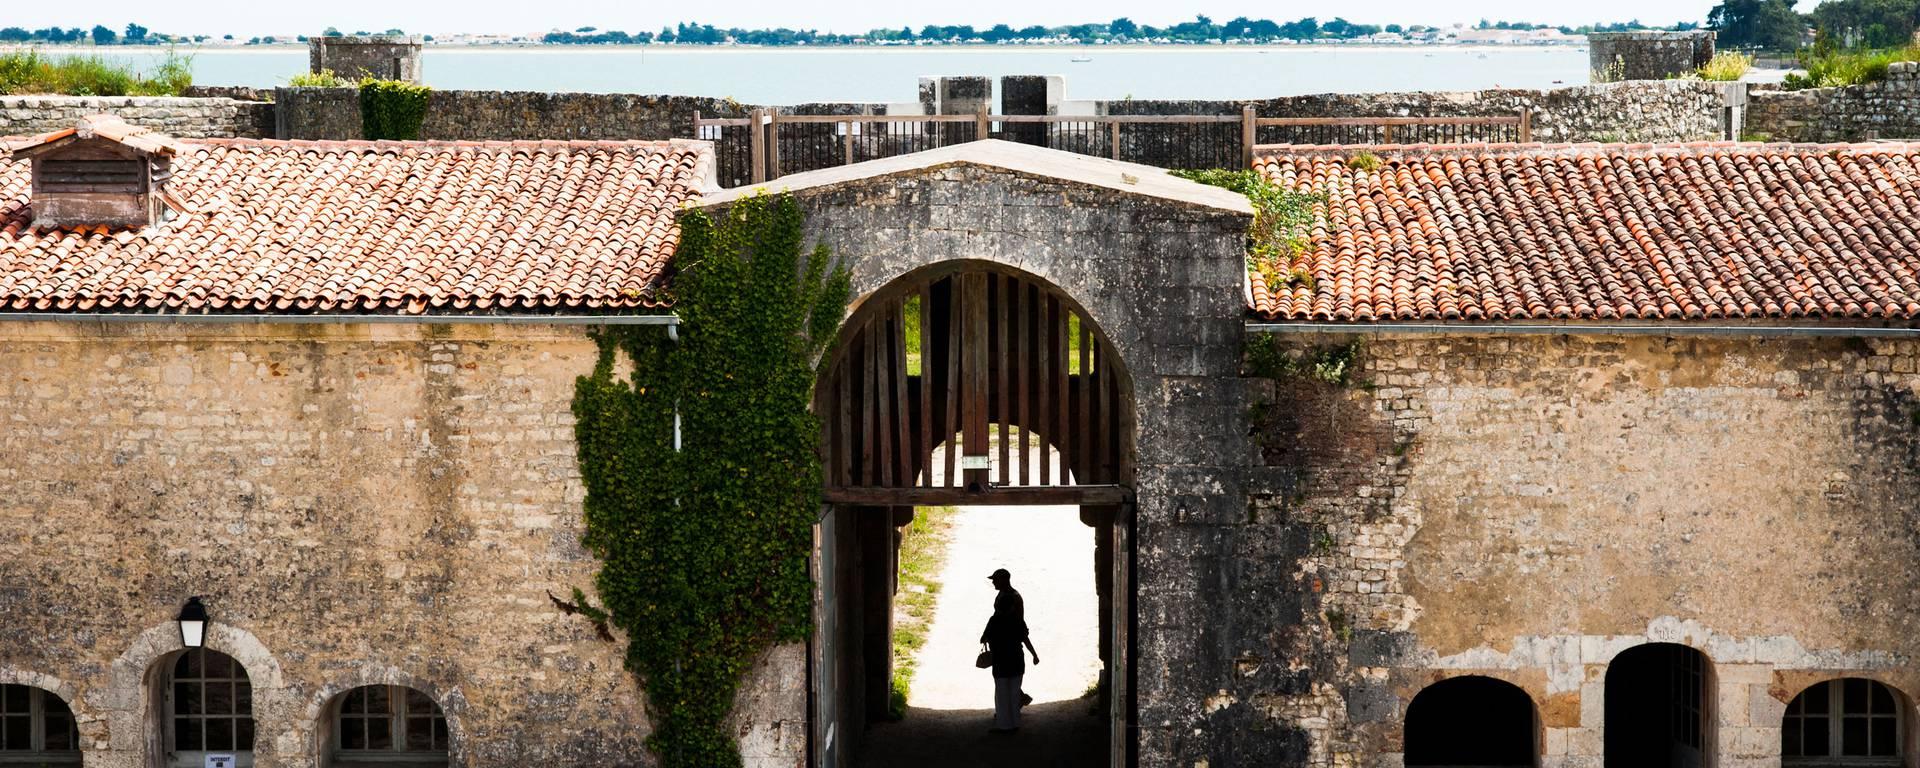 Le Fort de la Prée par Elsa-Giraud